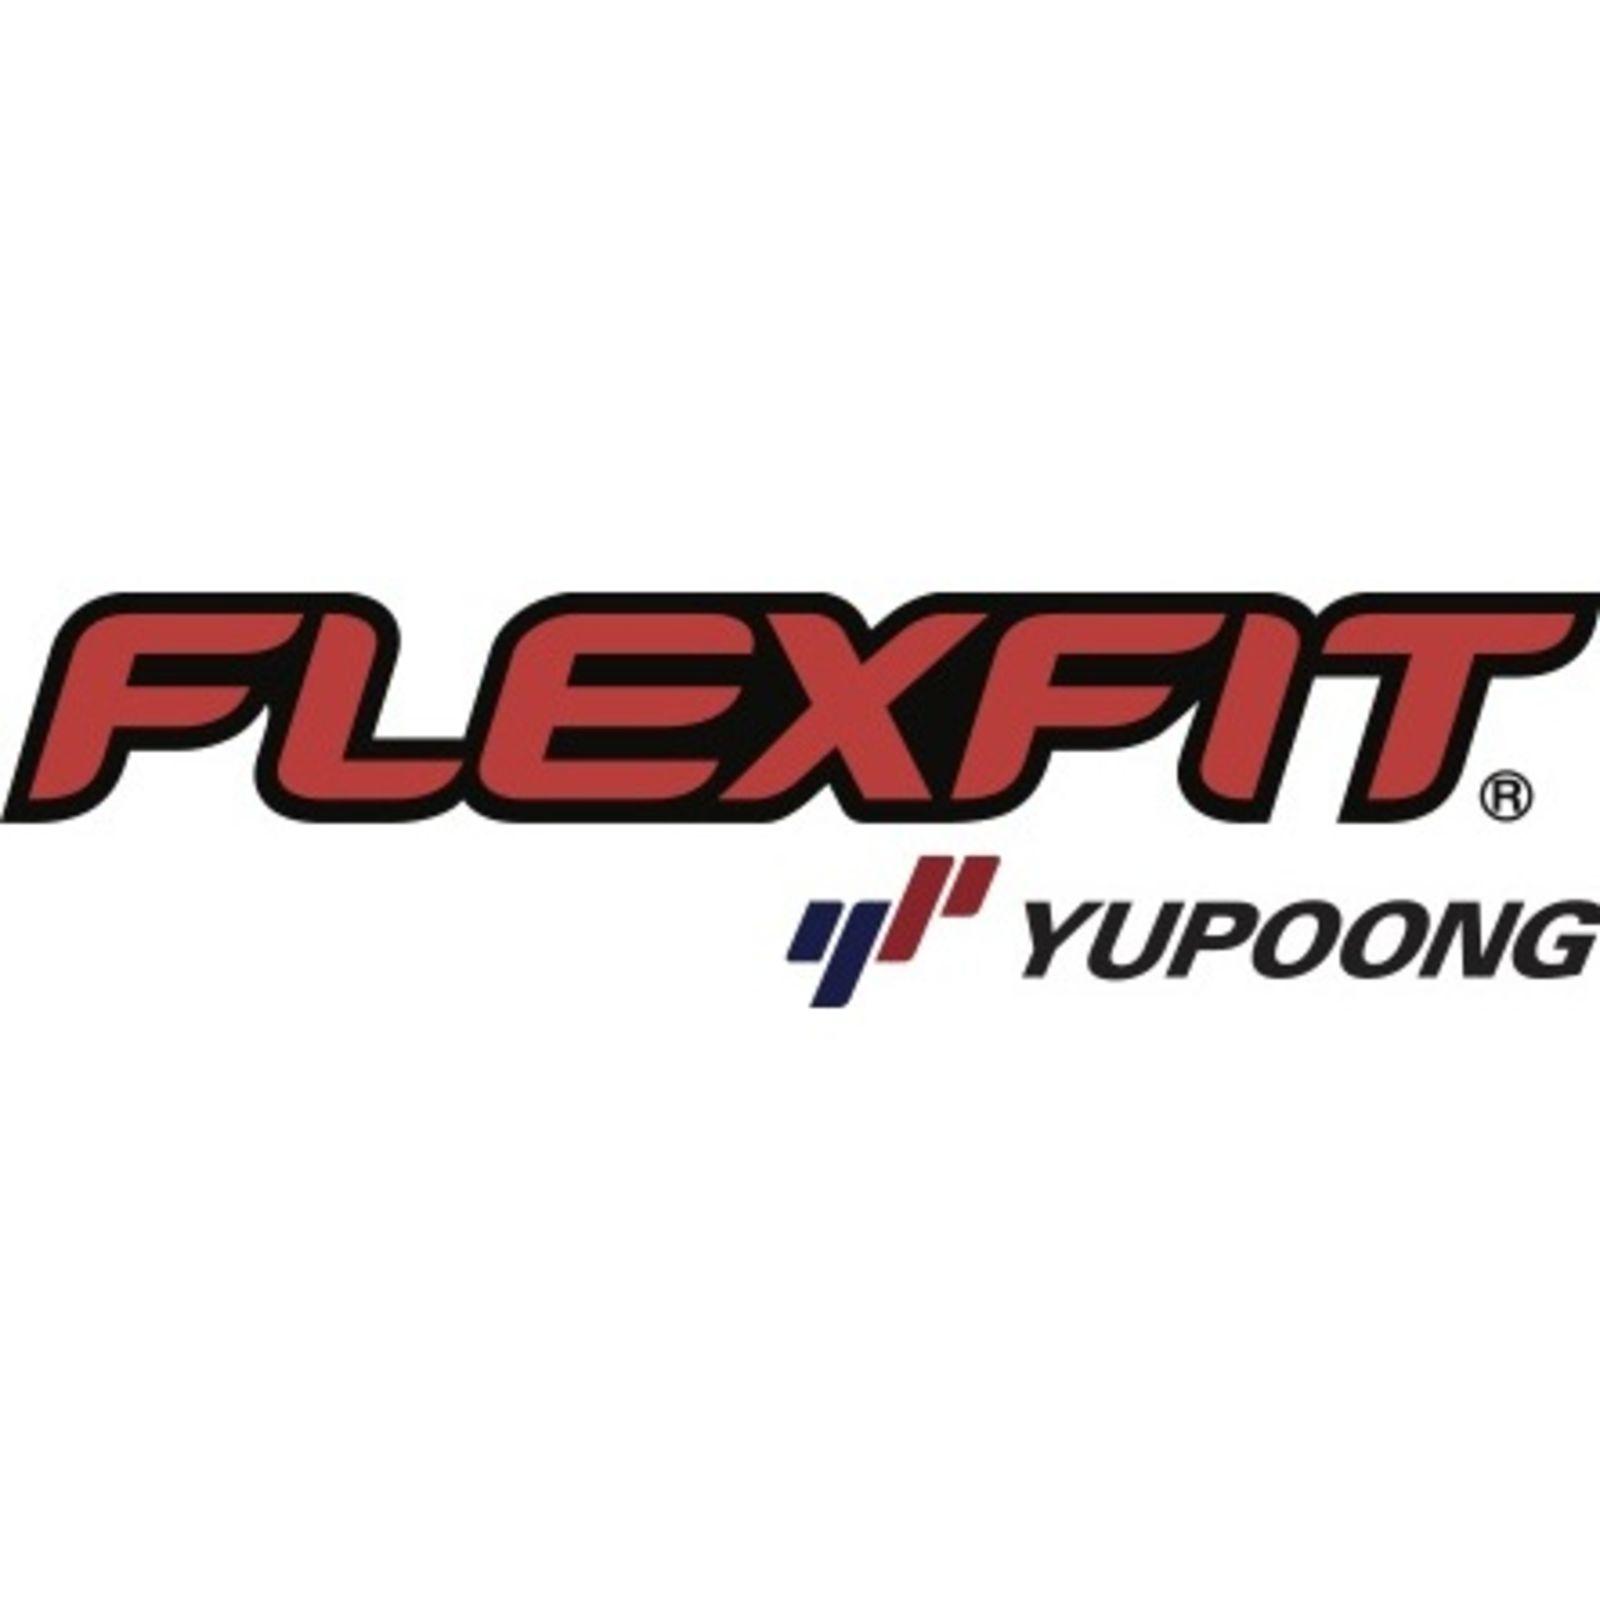 FLEXFIT (Image 1)